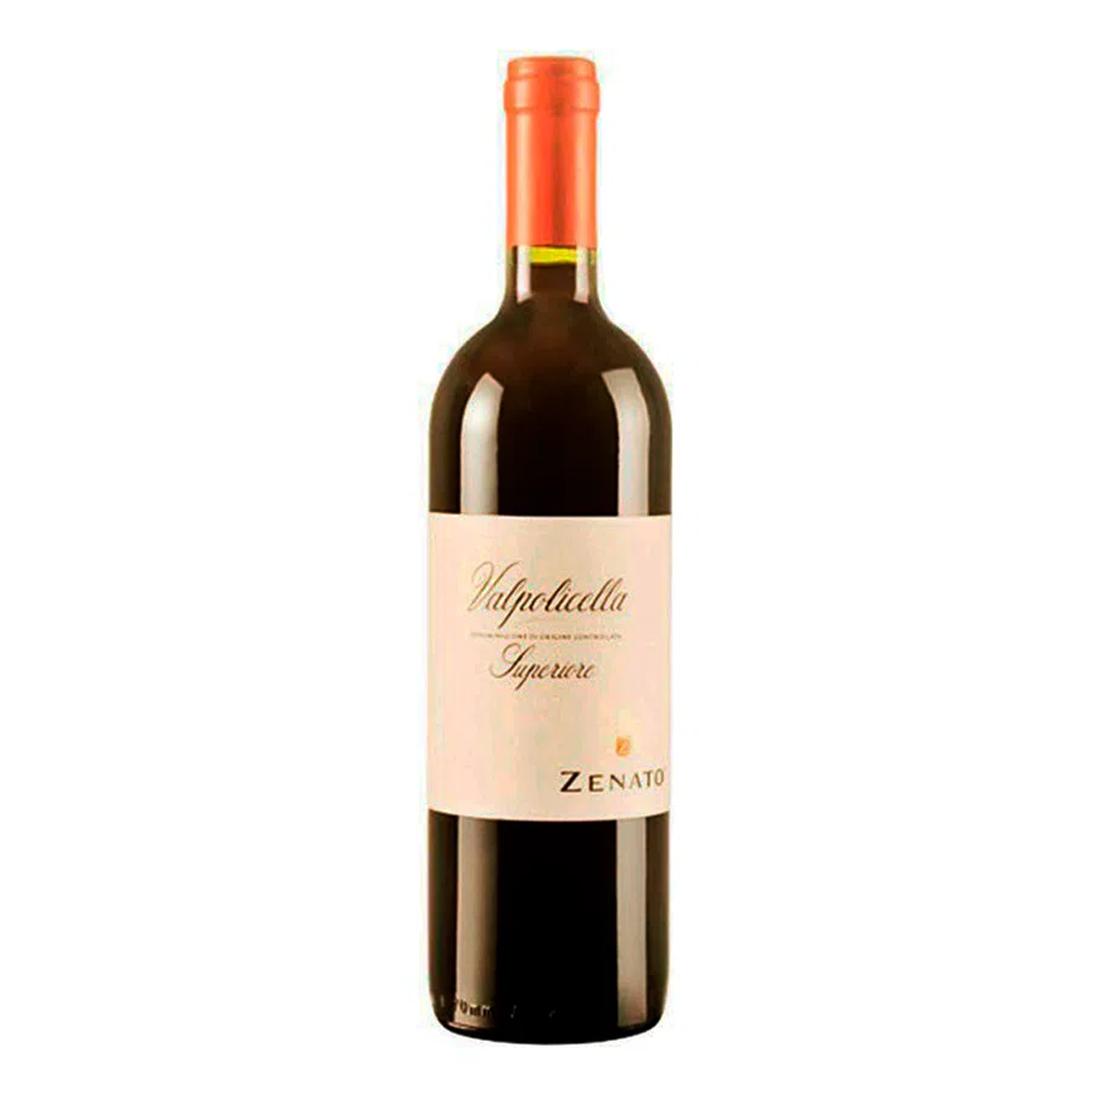 Vinho Zenato Valpolicella Classico Superiore DOC 750 ml